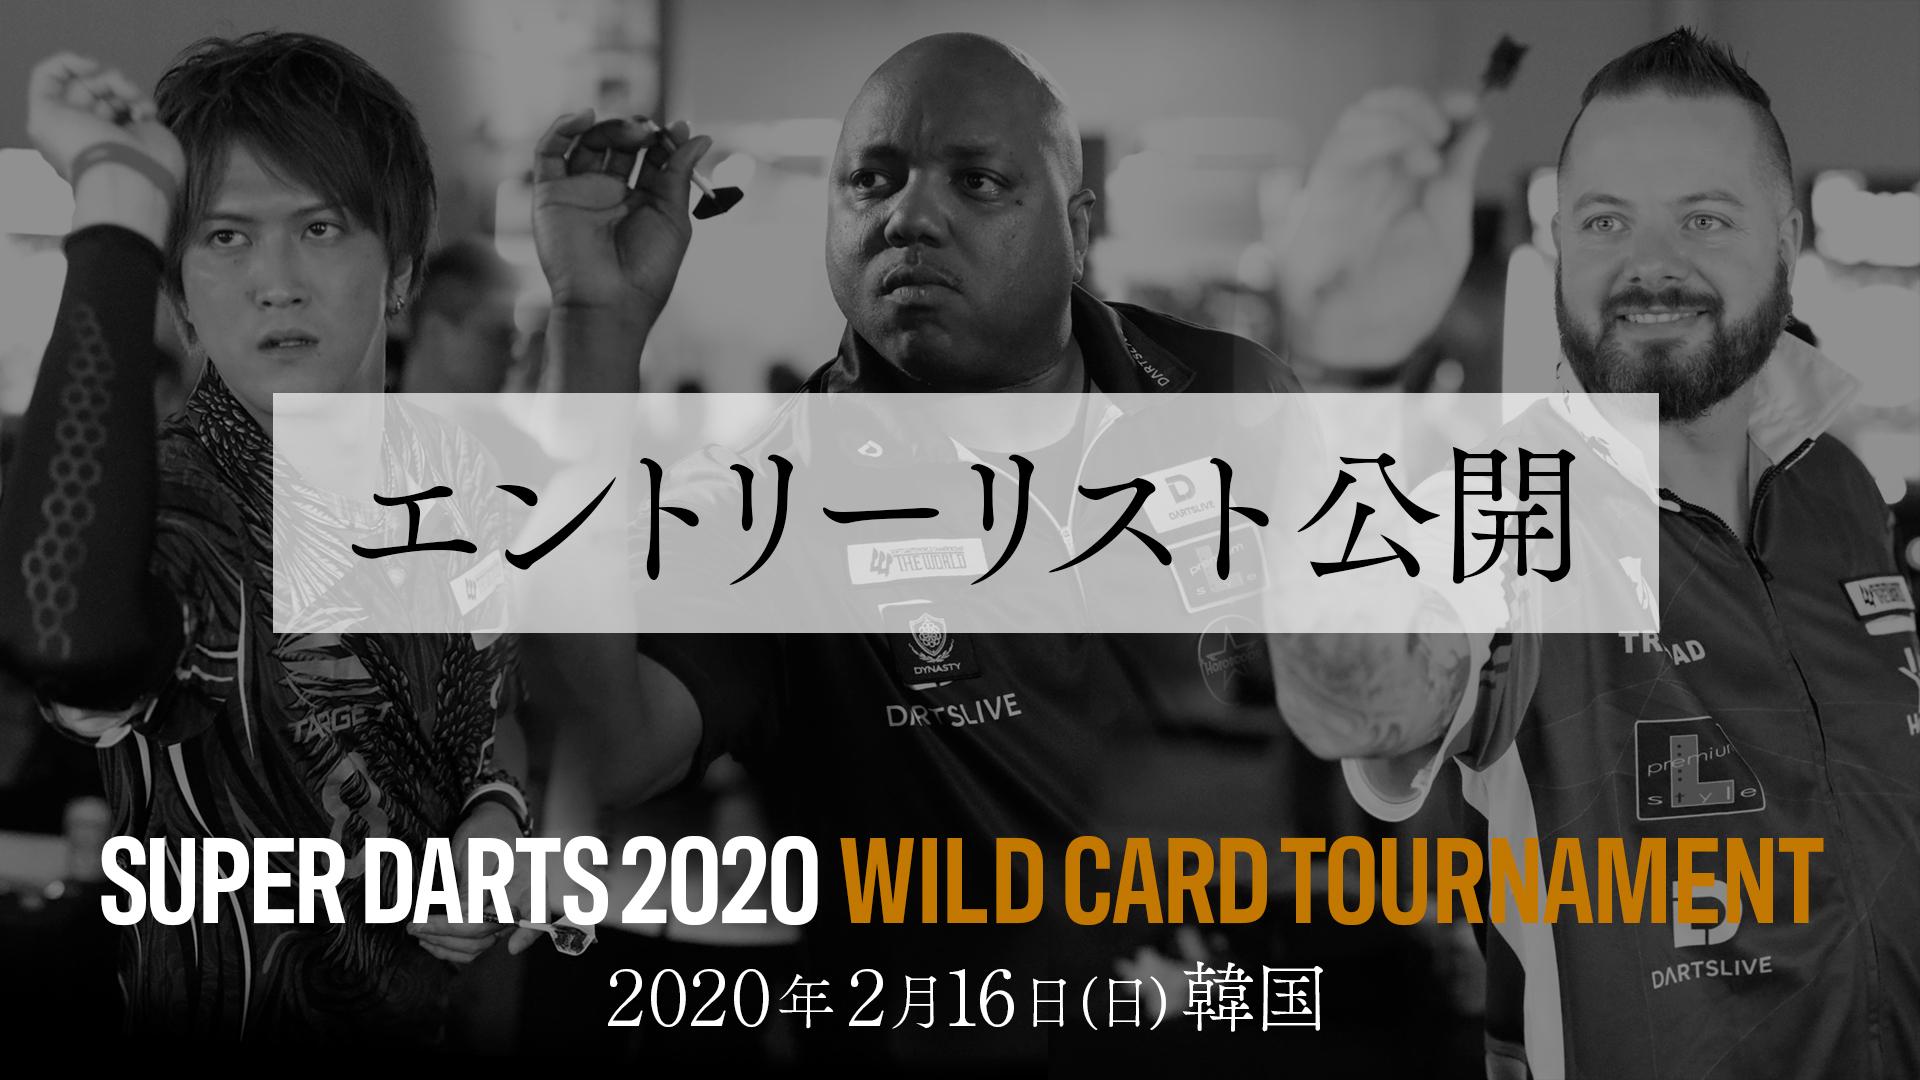 【エントリーリスト公開】SUPER DARTS 2020 WILD CARD TOURNAMENT